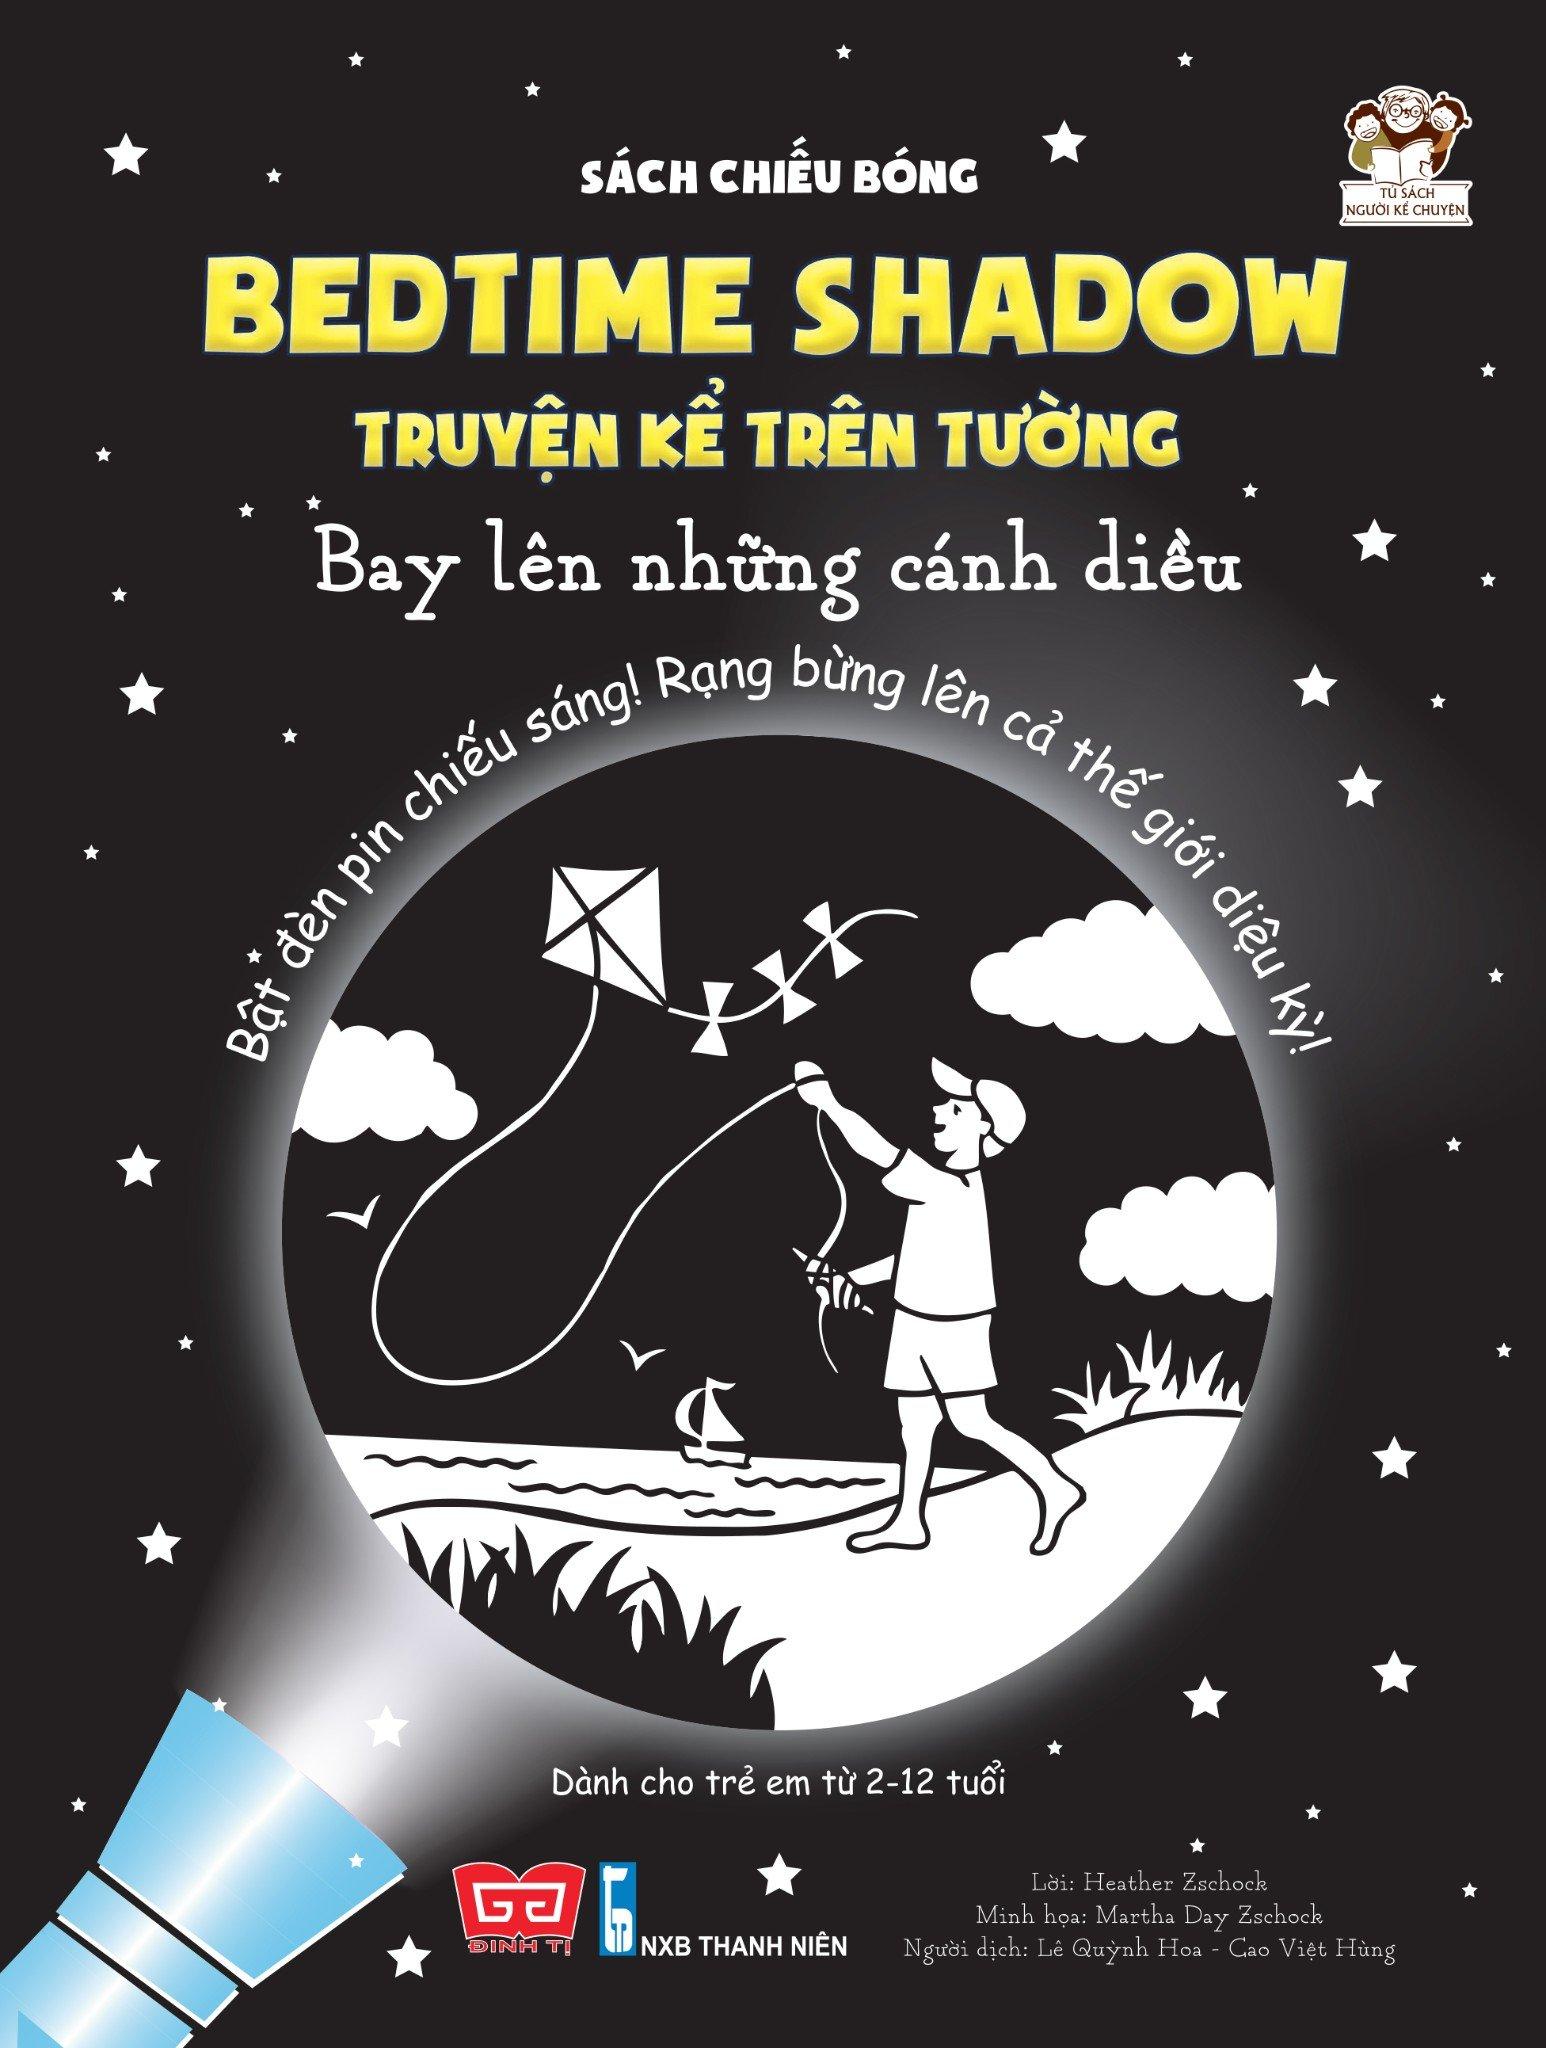 Sách chiếu bóng - Bedtime shadow – Truyện kể trên tường - Bay lên những cánh diều!